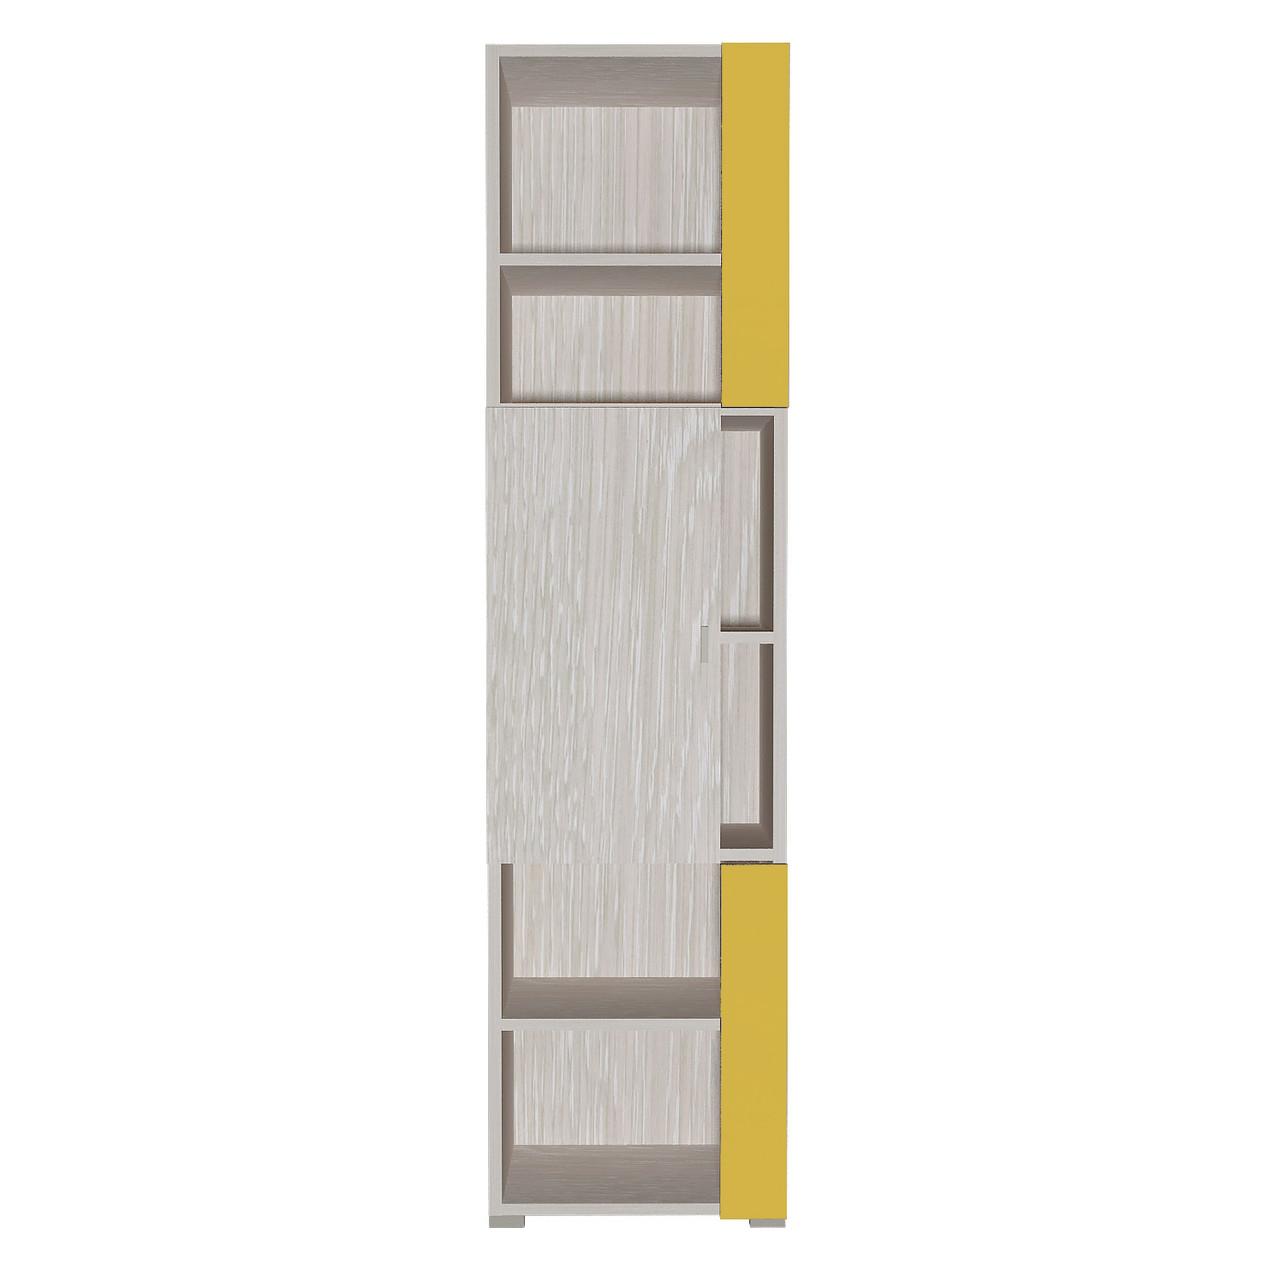 Шафа в дитячу кімнату з ДСП/МДФ AXEL F Blonski 1 дверна атланта+жовтий